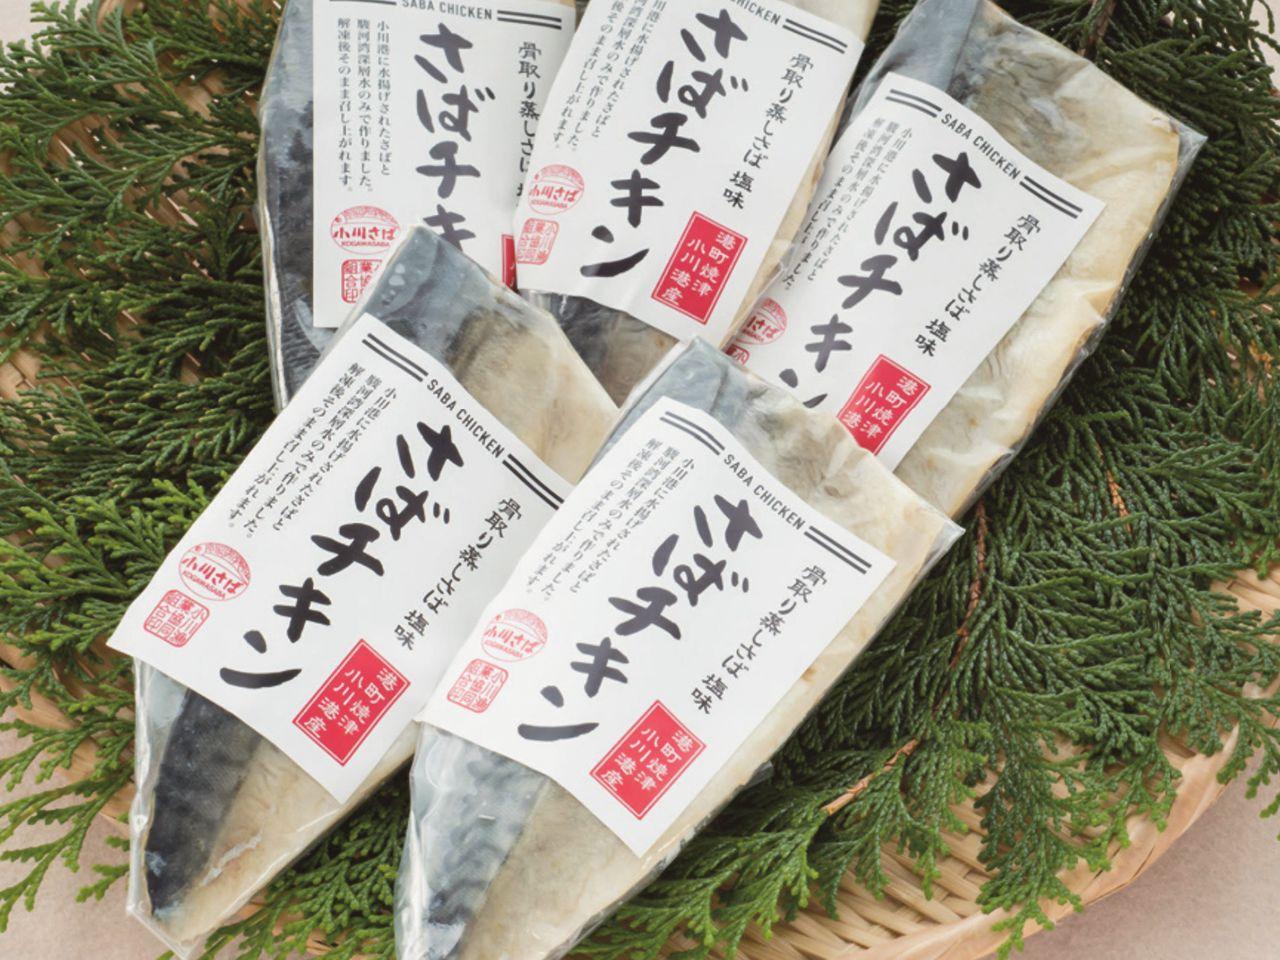 Anehnya, Saba Chicken merupakan salah satu produk makarel yang populer. (Atas kebaikan Koperasi Penangkapan Ikan Ogawa)